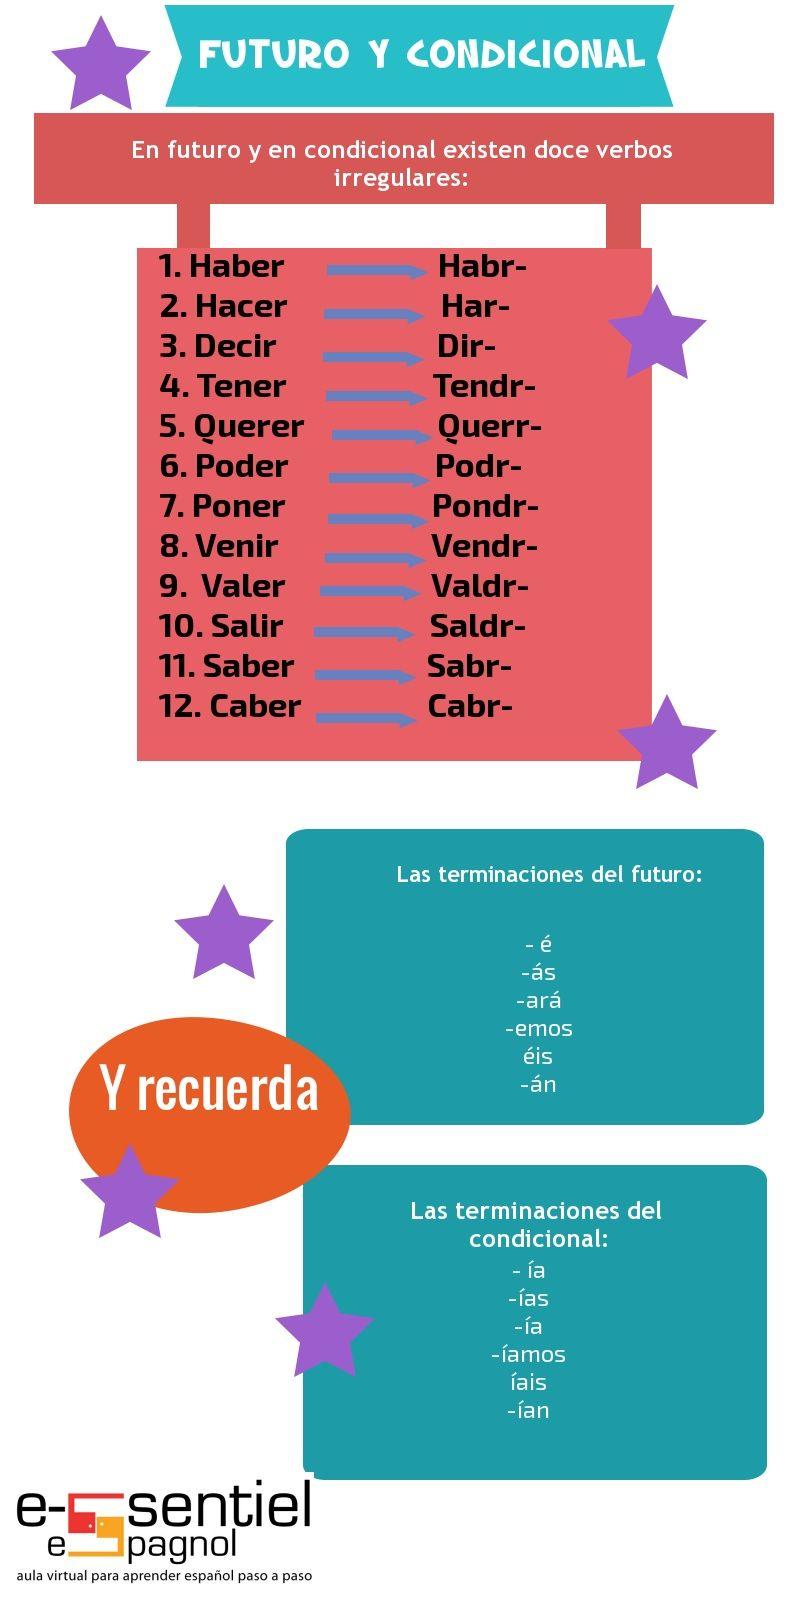 Futuro y condicional de verbos irregulares